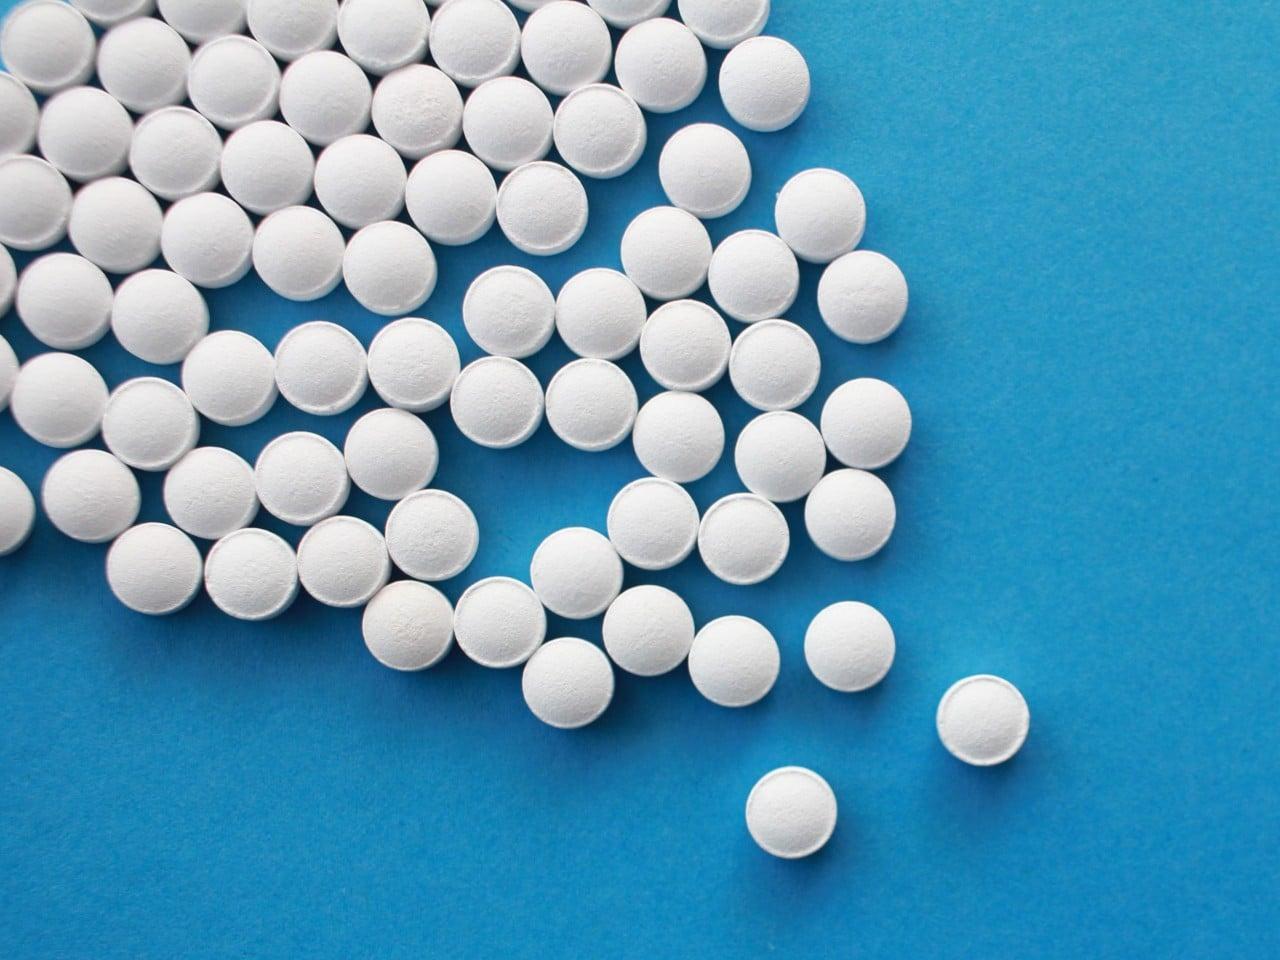 Pastillas anticonceptivas, para qué sirven